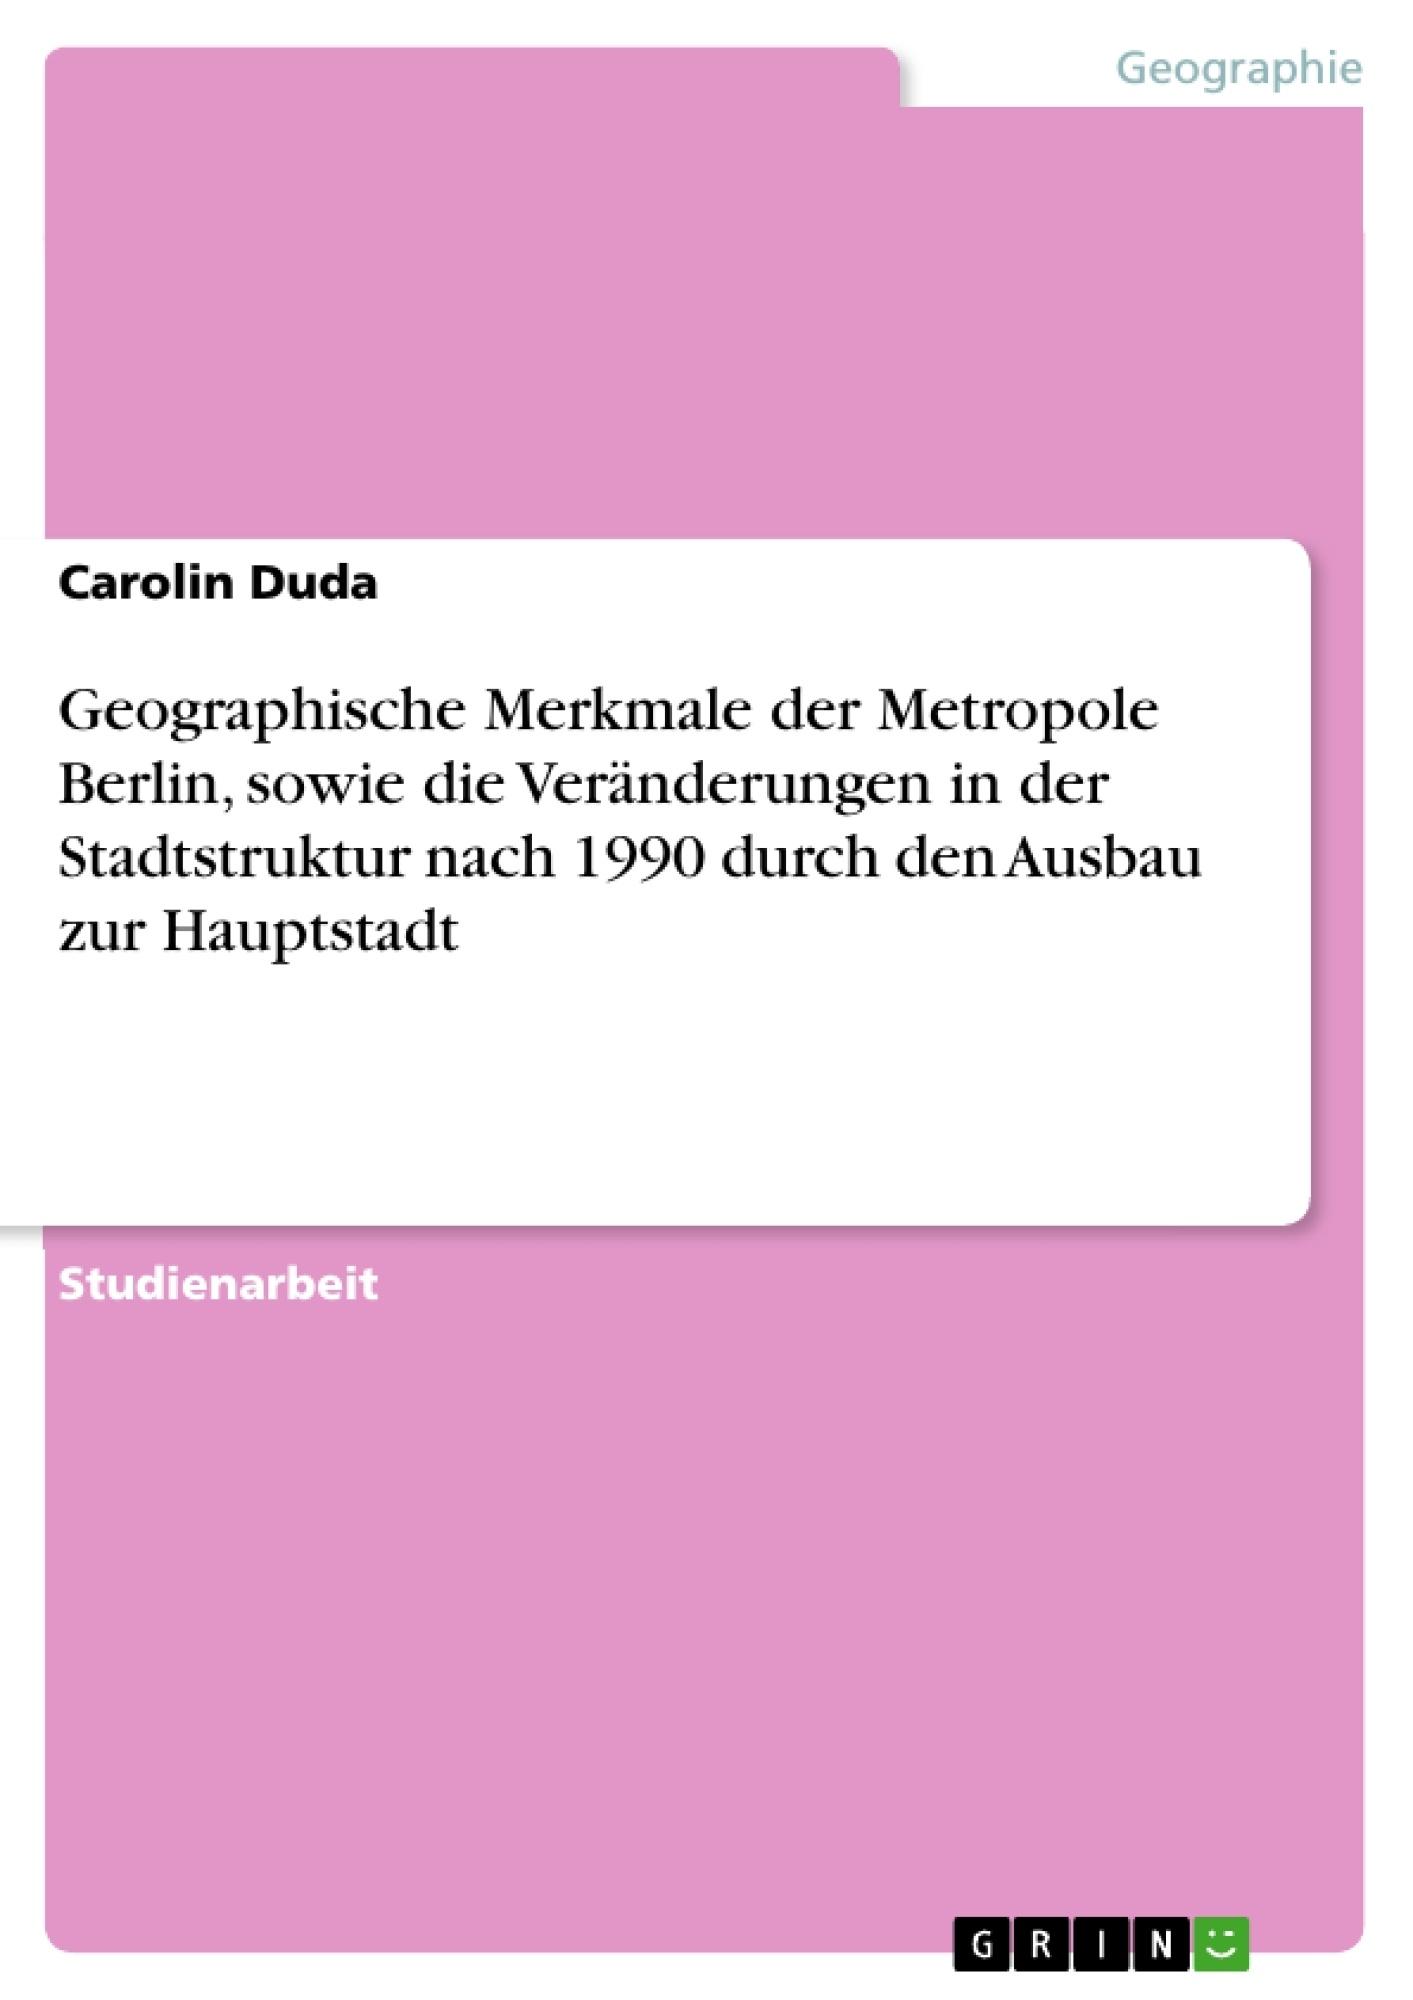 Titel: Geographische Merkmale der Metropole Berlin, sowie die Veränderungen in der Stadtstruktur nach 1990 durch den Ausbau zur Hauptstadt